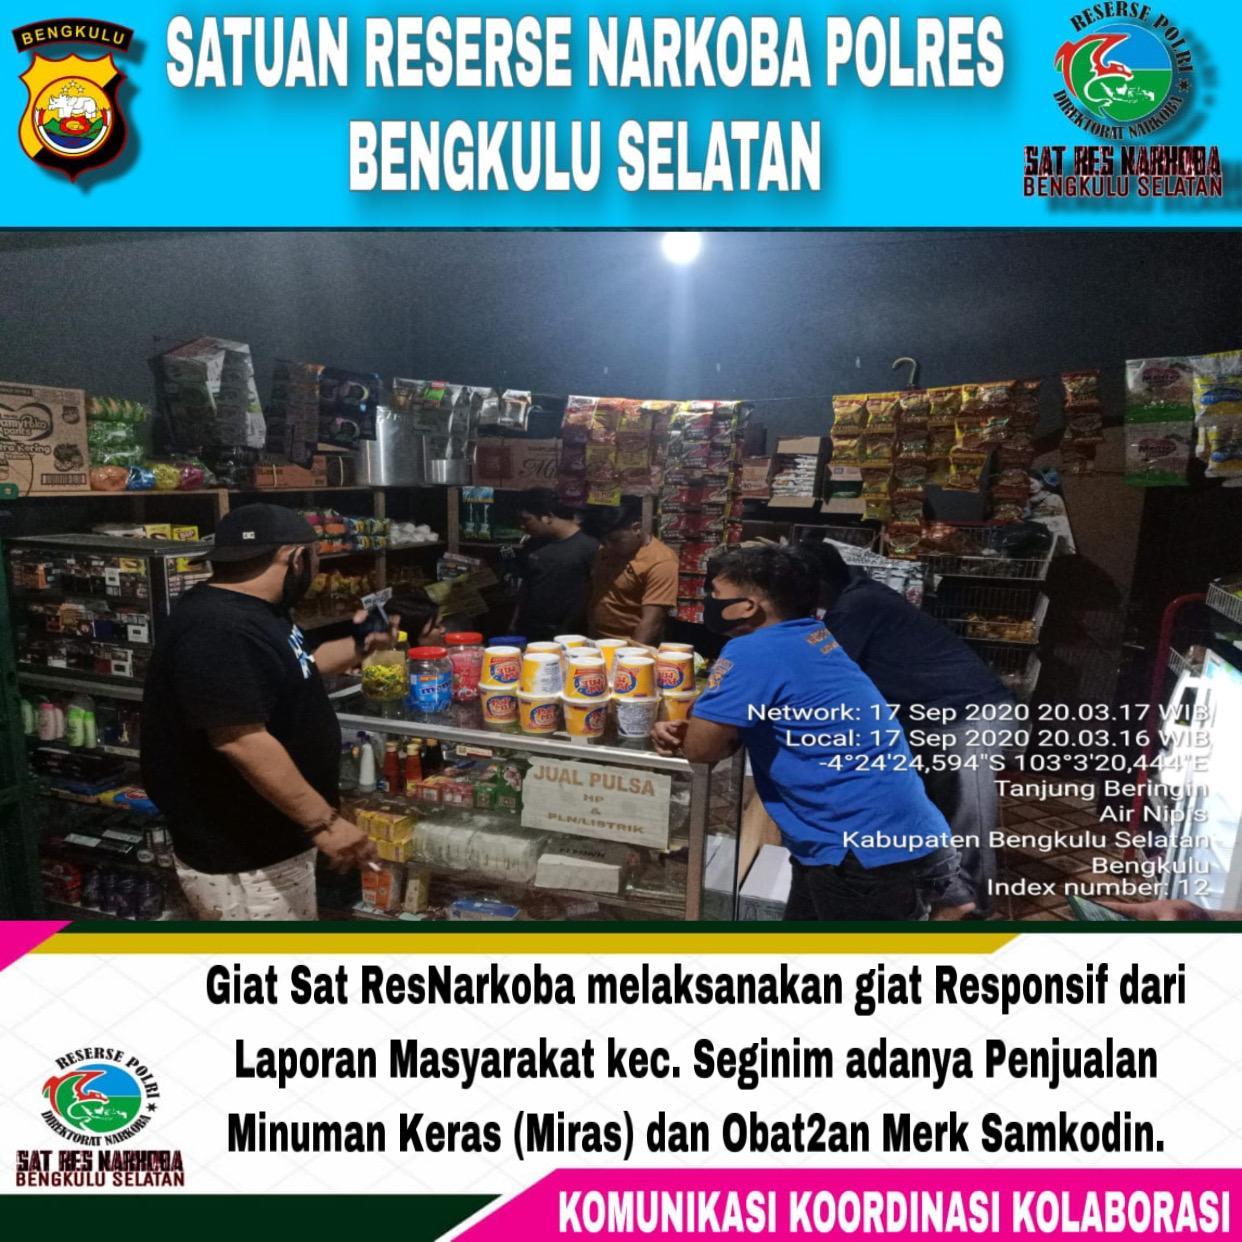 Sat Narkoba Polres Bengkulu Selatan Amankan Penjual Miras dan Obat Terlarang